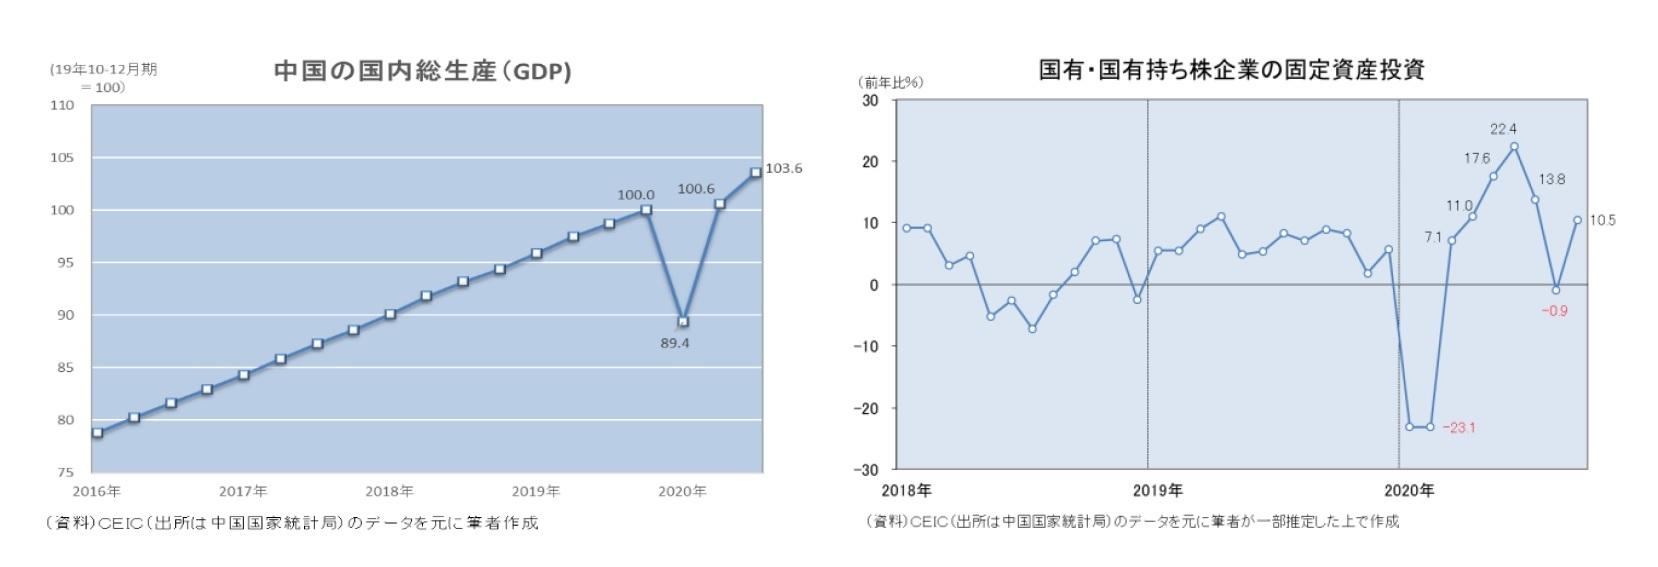 中国の国内総生産(GDP)/国有・国有持ち株企業の固定資産投資